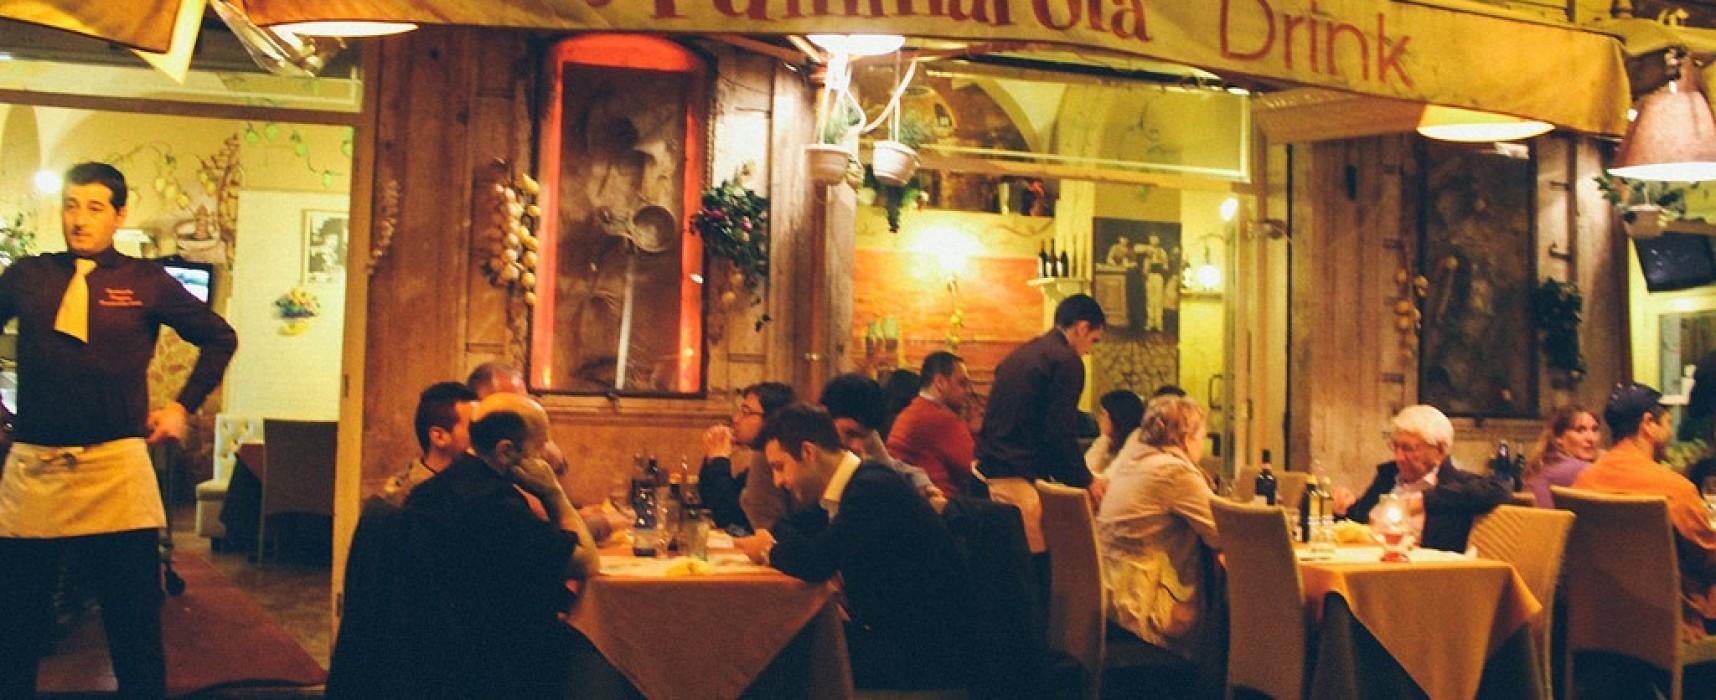 In partenza corsi professionali per Barman e Pizzaiolo promossi da Cescot Arezzo